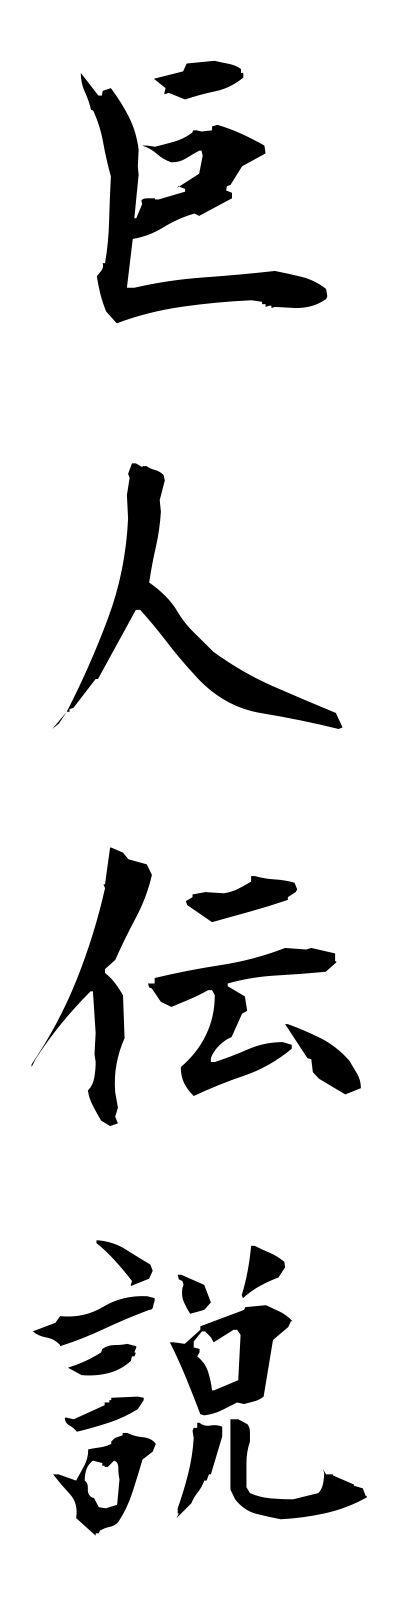 k20644 巨人伝説 きょじんでんせつ – 四字熟語